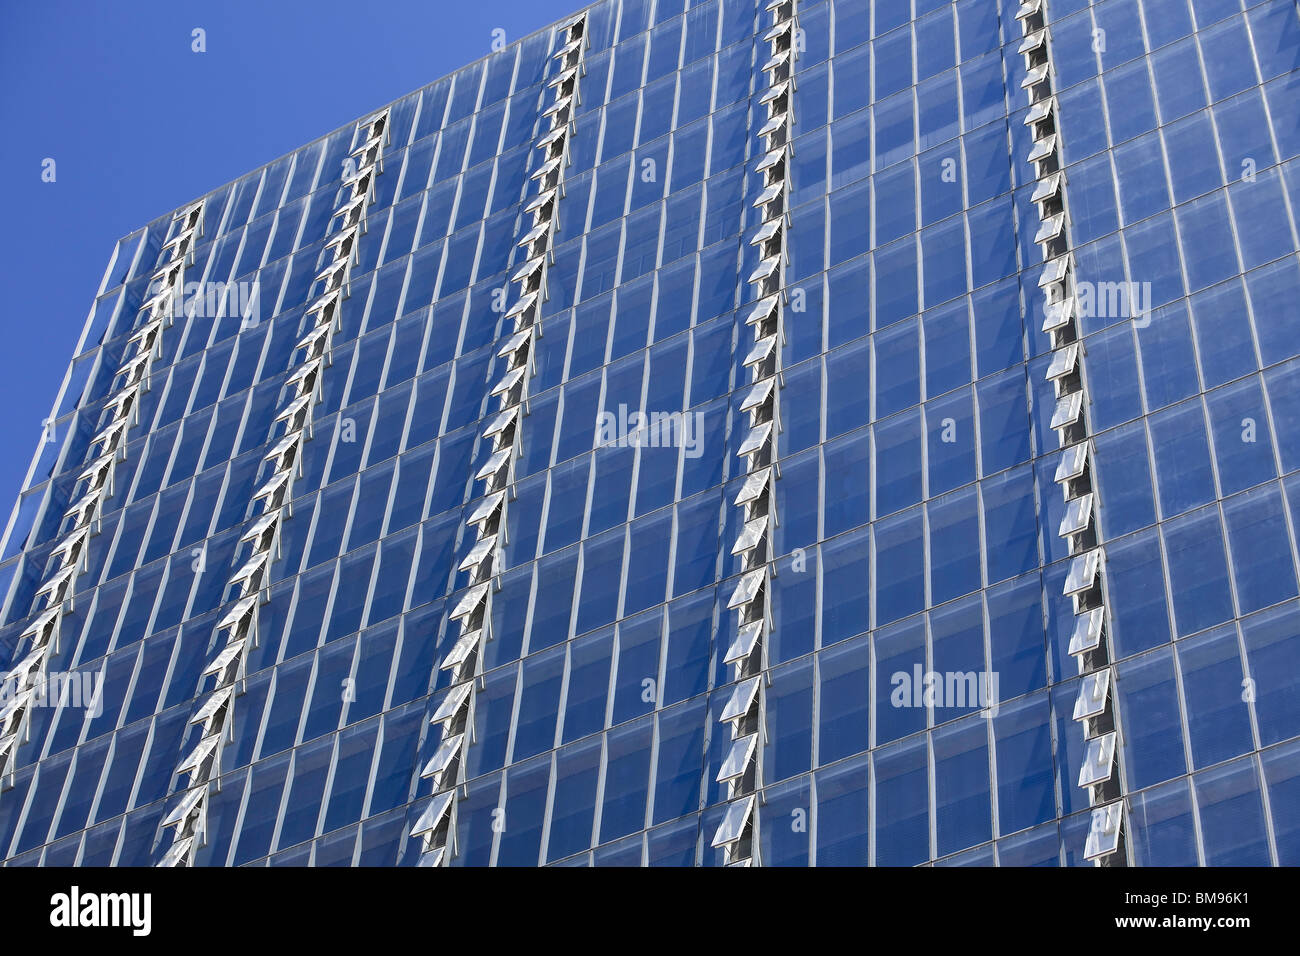 Filas de ventanas abiertas en Manitoba Hydro Building, Winnipeg, Manitoba, Canadá Imagen De Stock